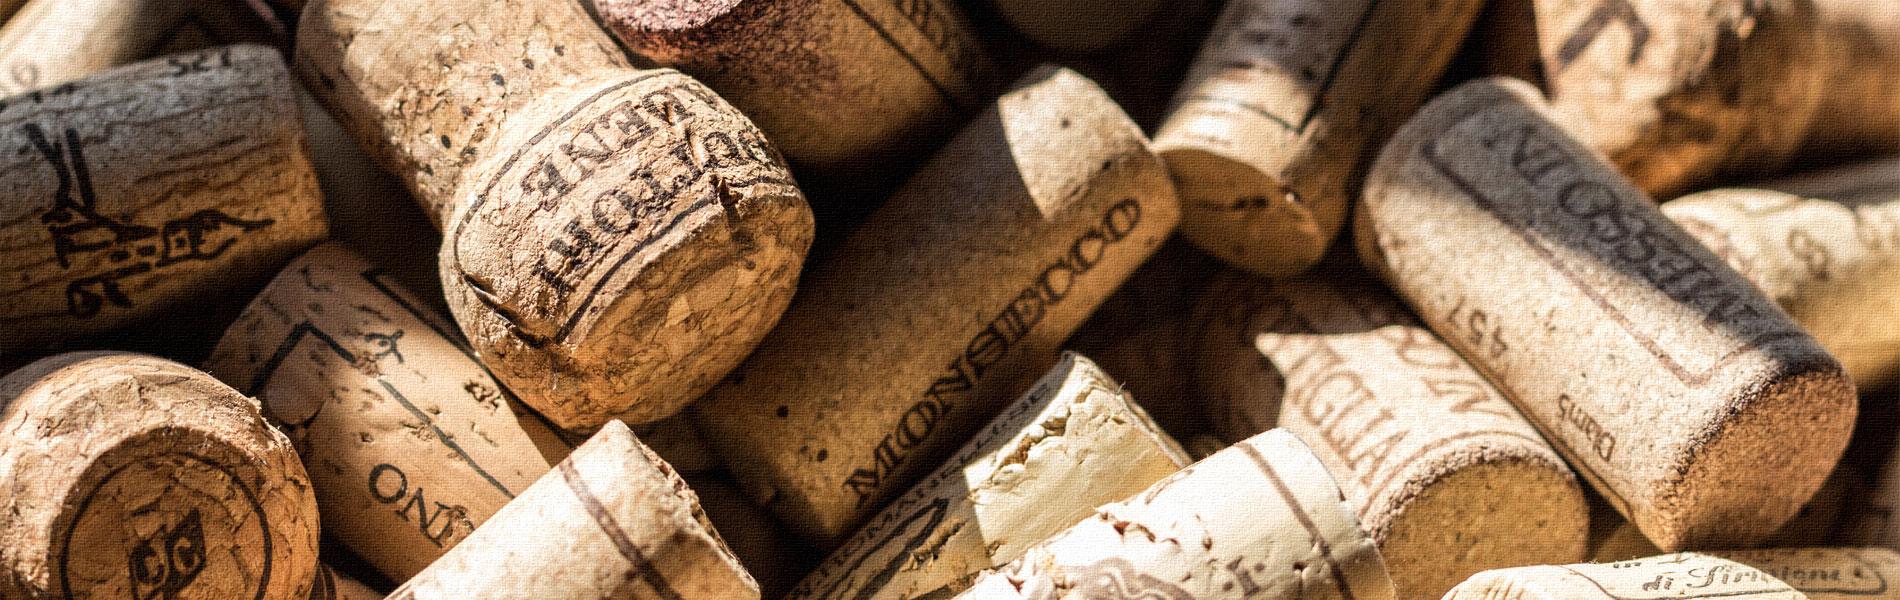 Vini | Ristorante Borgo San GIovanni